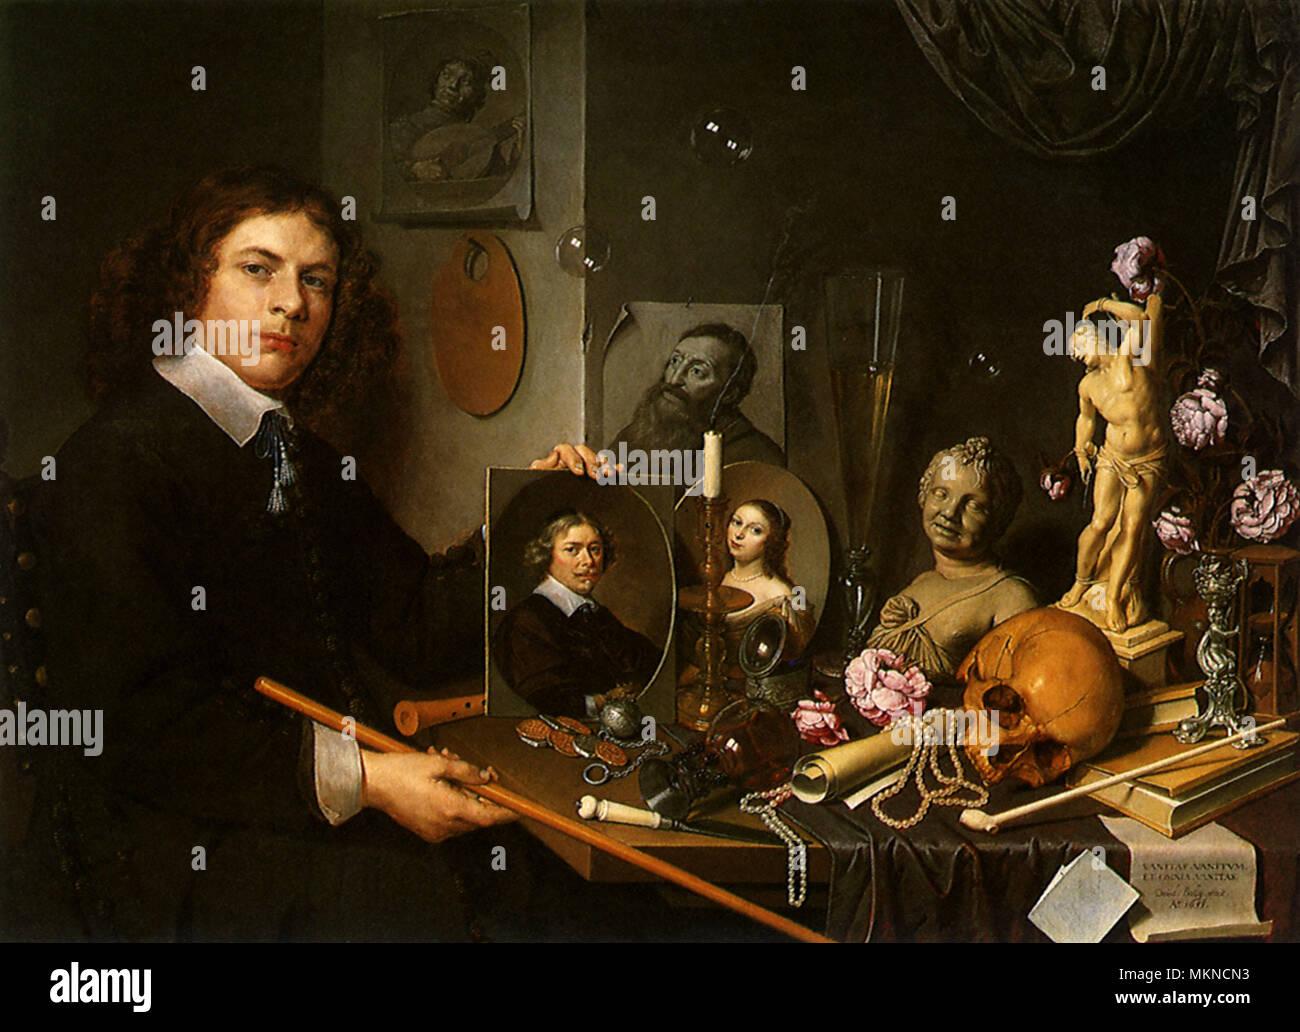 Self Portrait with Vanitas Symbols - Stock Image